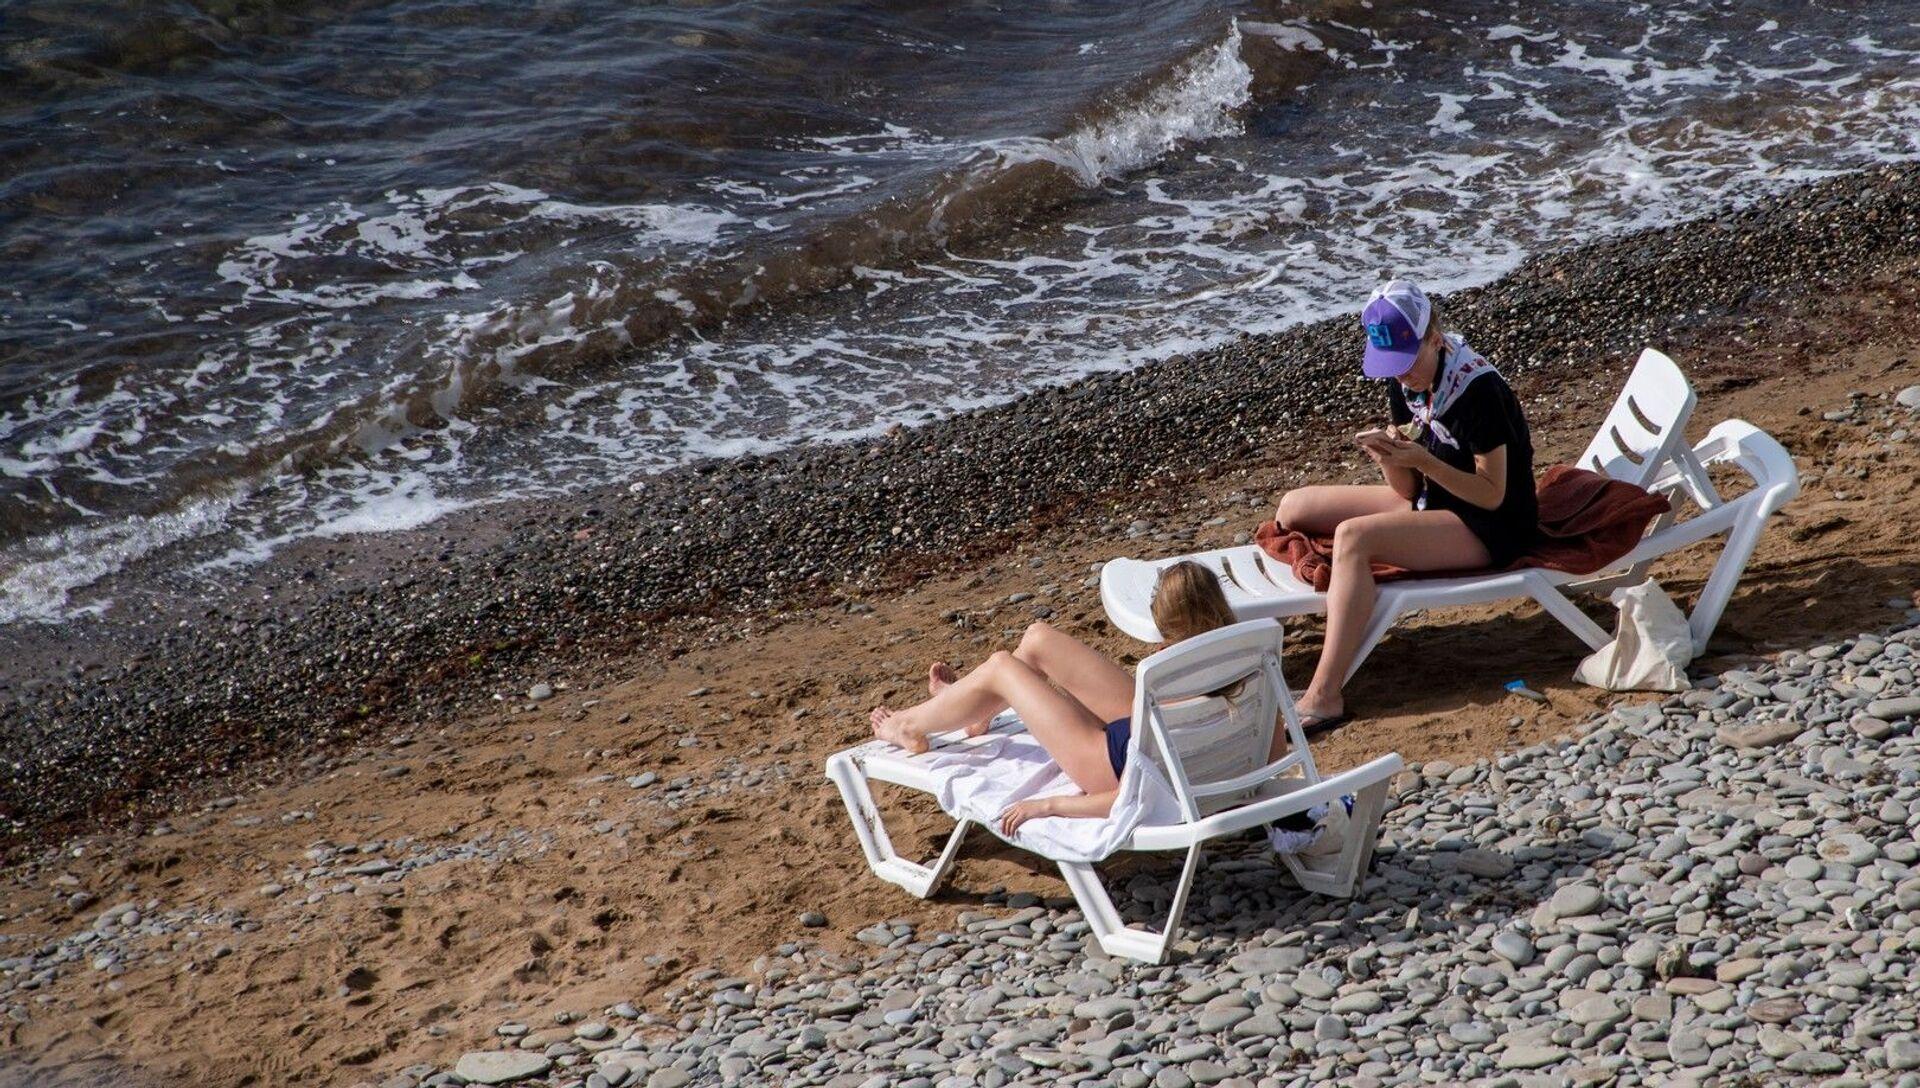 Пляж, курортники отдыхающие шезлонги туристы межсезонье бархатный сезон осень весна - РИА Новости, 1920, 22.12.2020